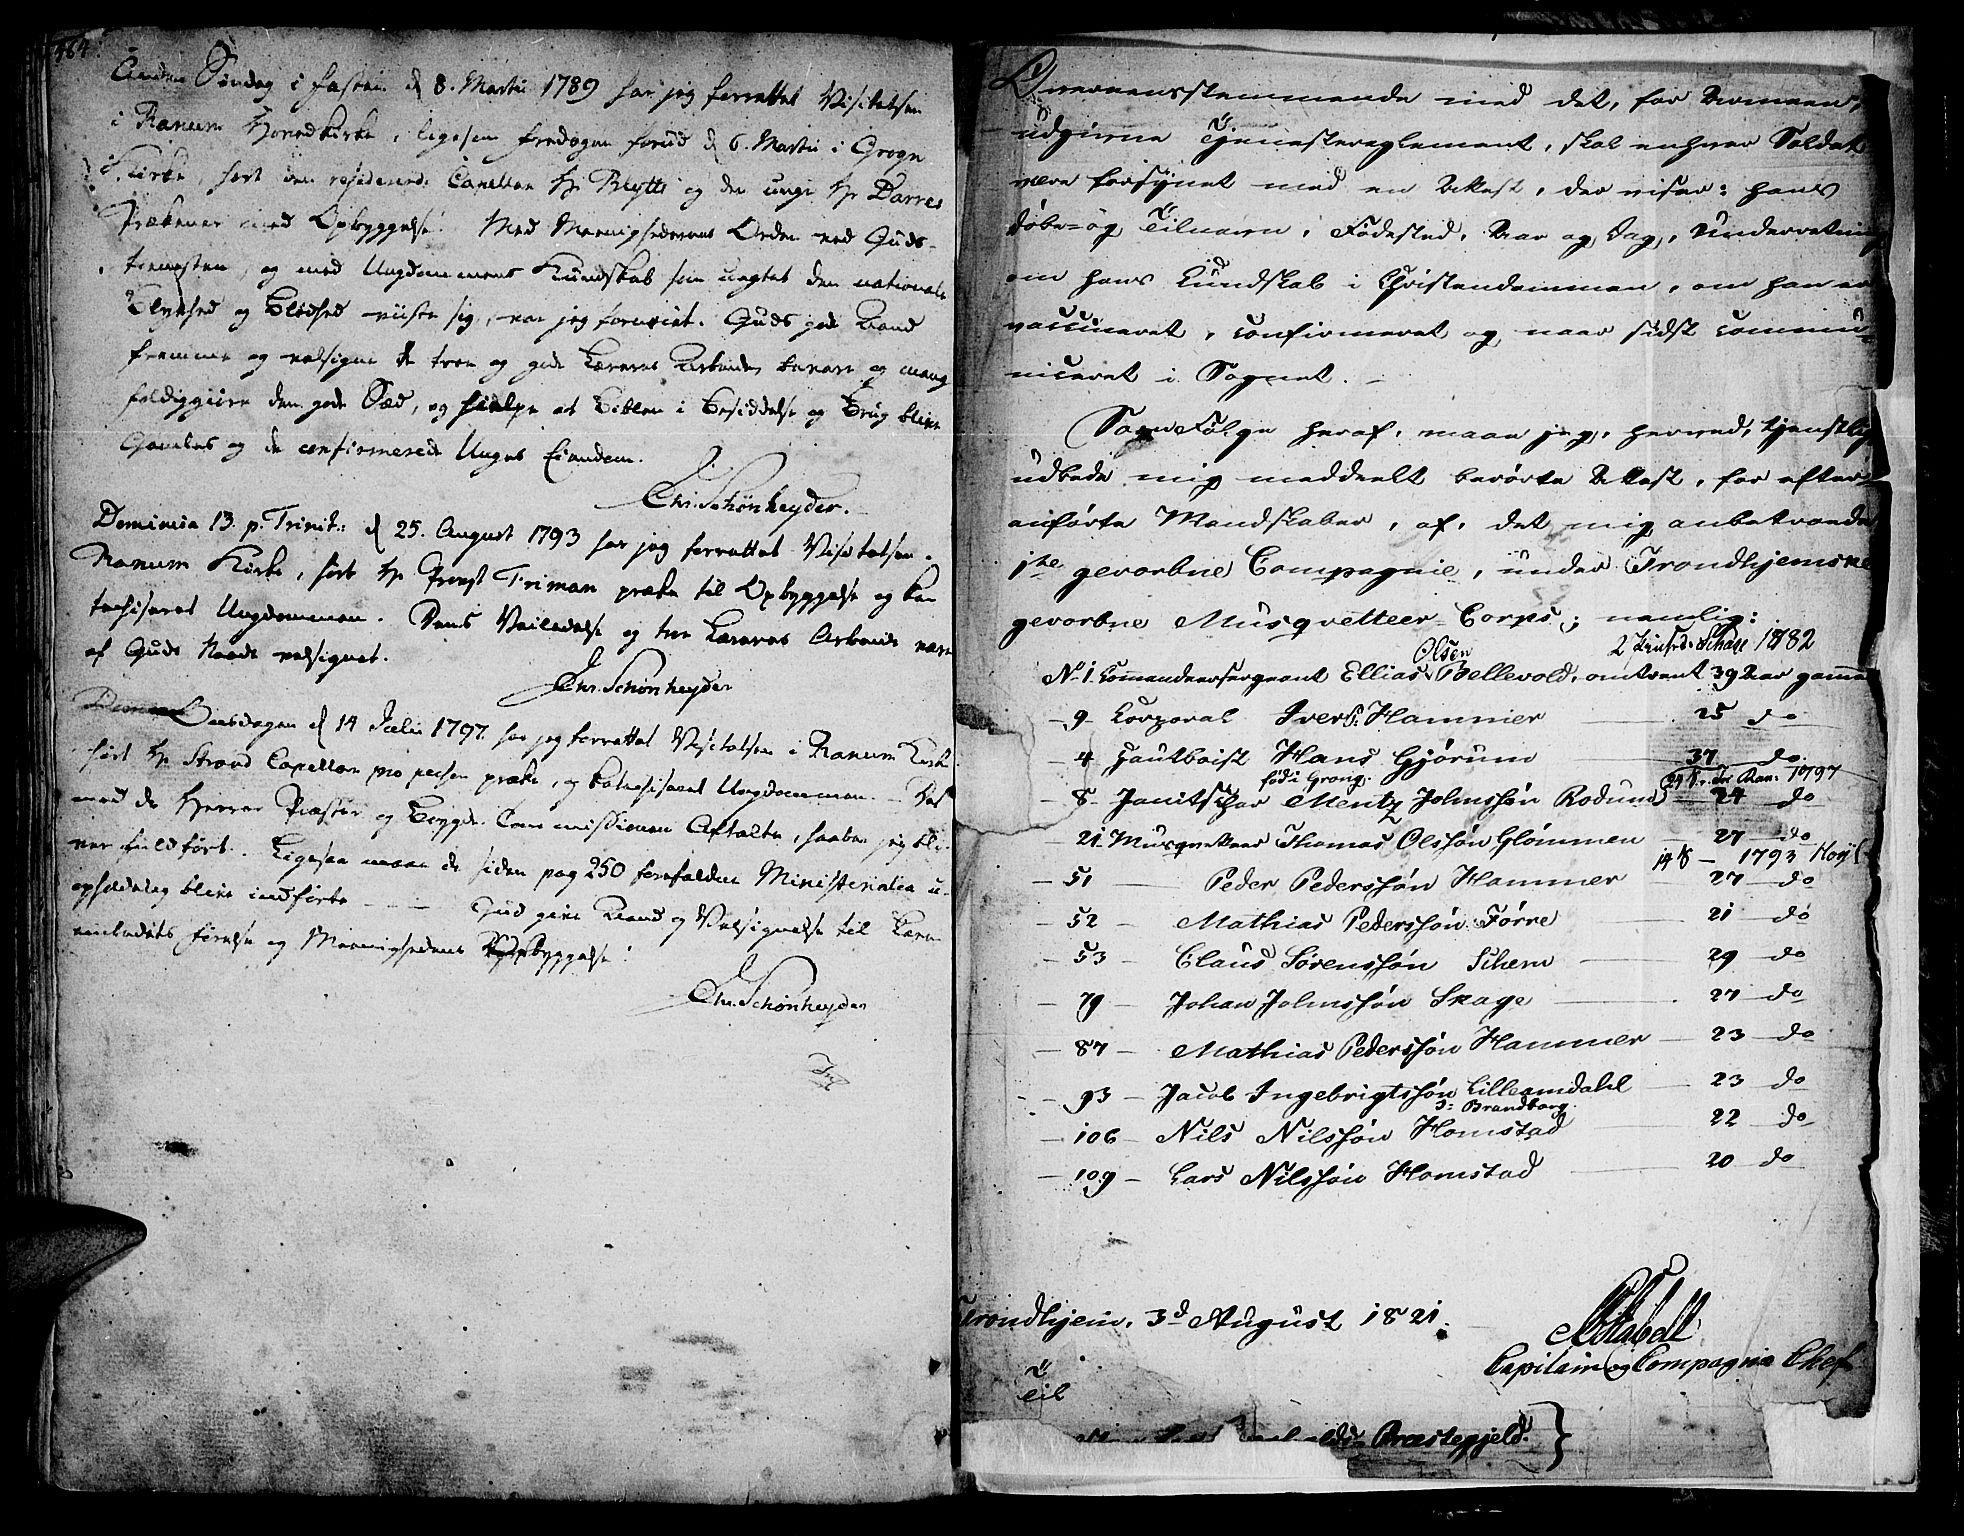 SAT, Ministerialprotokoller, klokkerbøker og fødselsregistre - Nord-Trøndelag, 764/L0544: Ministerialbok nr. 764A04, 1780-1798, s. 464-465